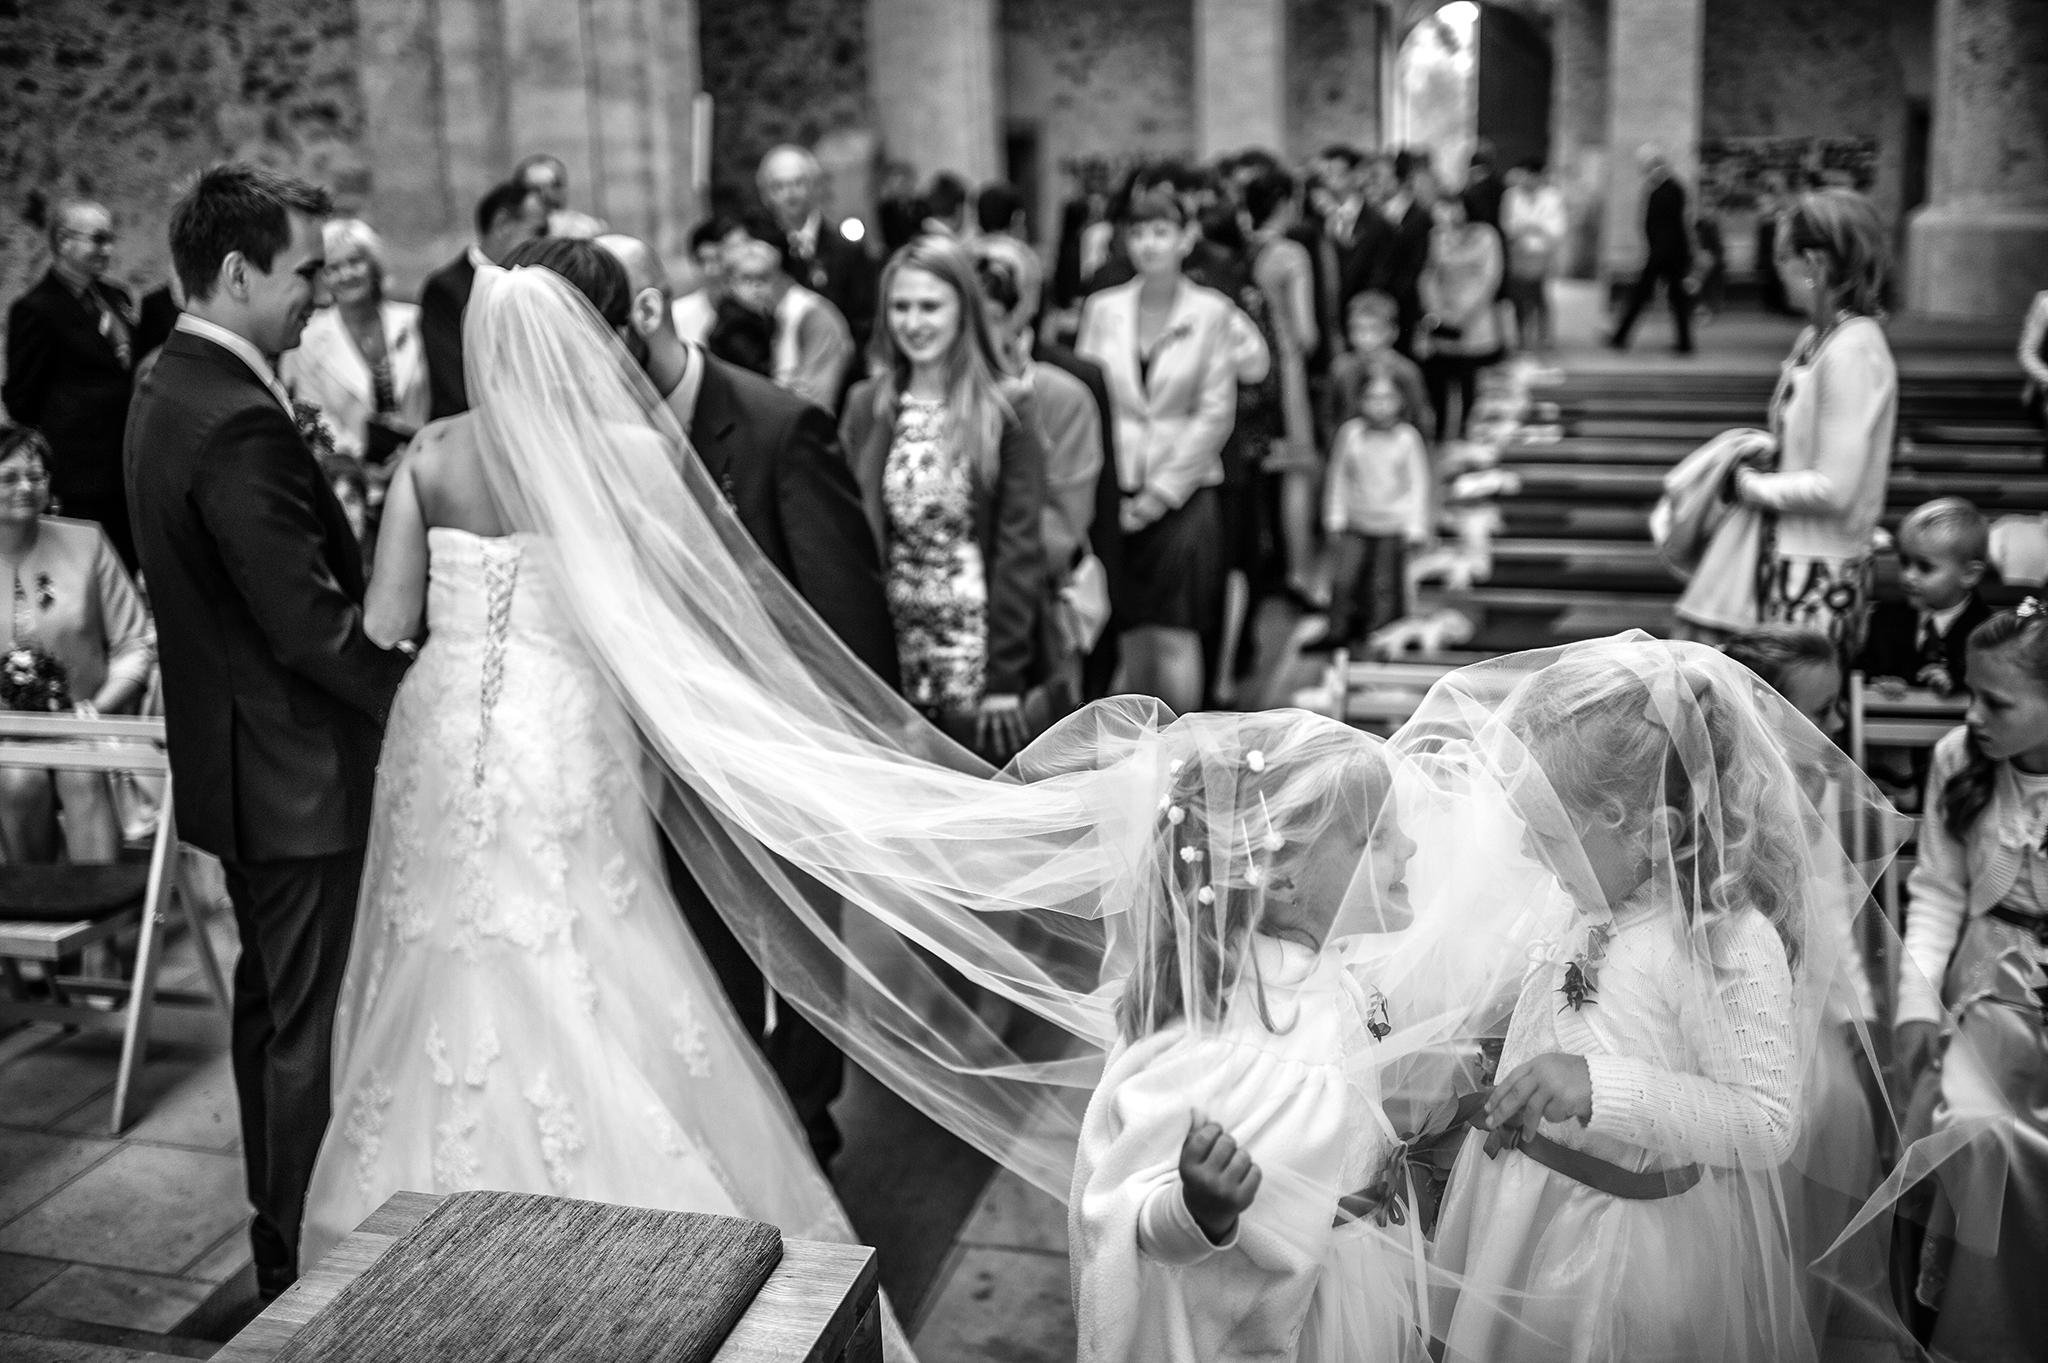 Skvěle dokáže s humorem ve fotografii pracovat (nejen) svatební fotograf Petr Wagenknecht. Rozhovor s ním čtěte zde.